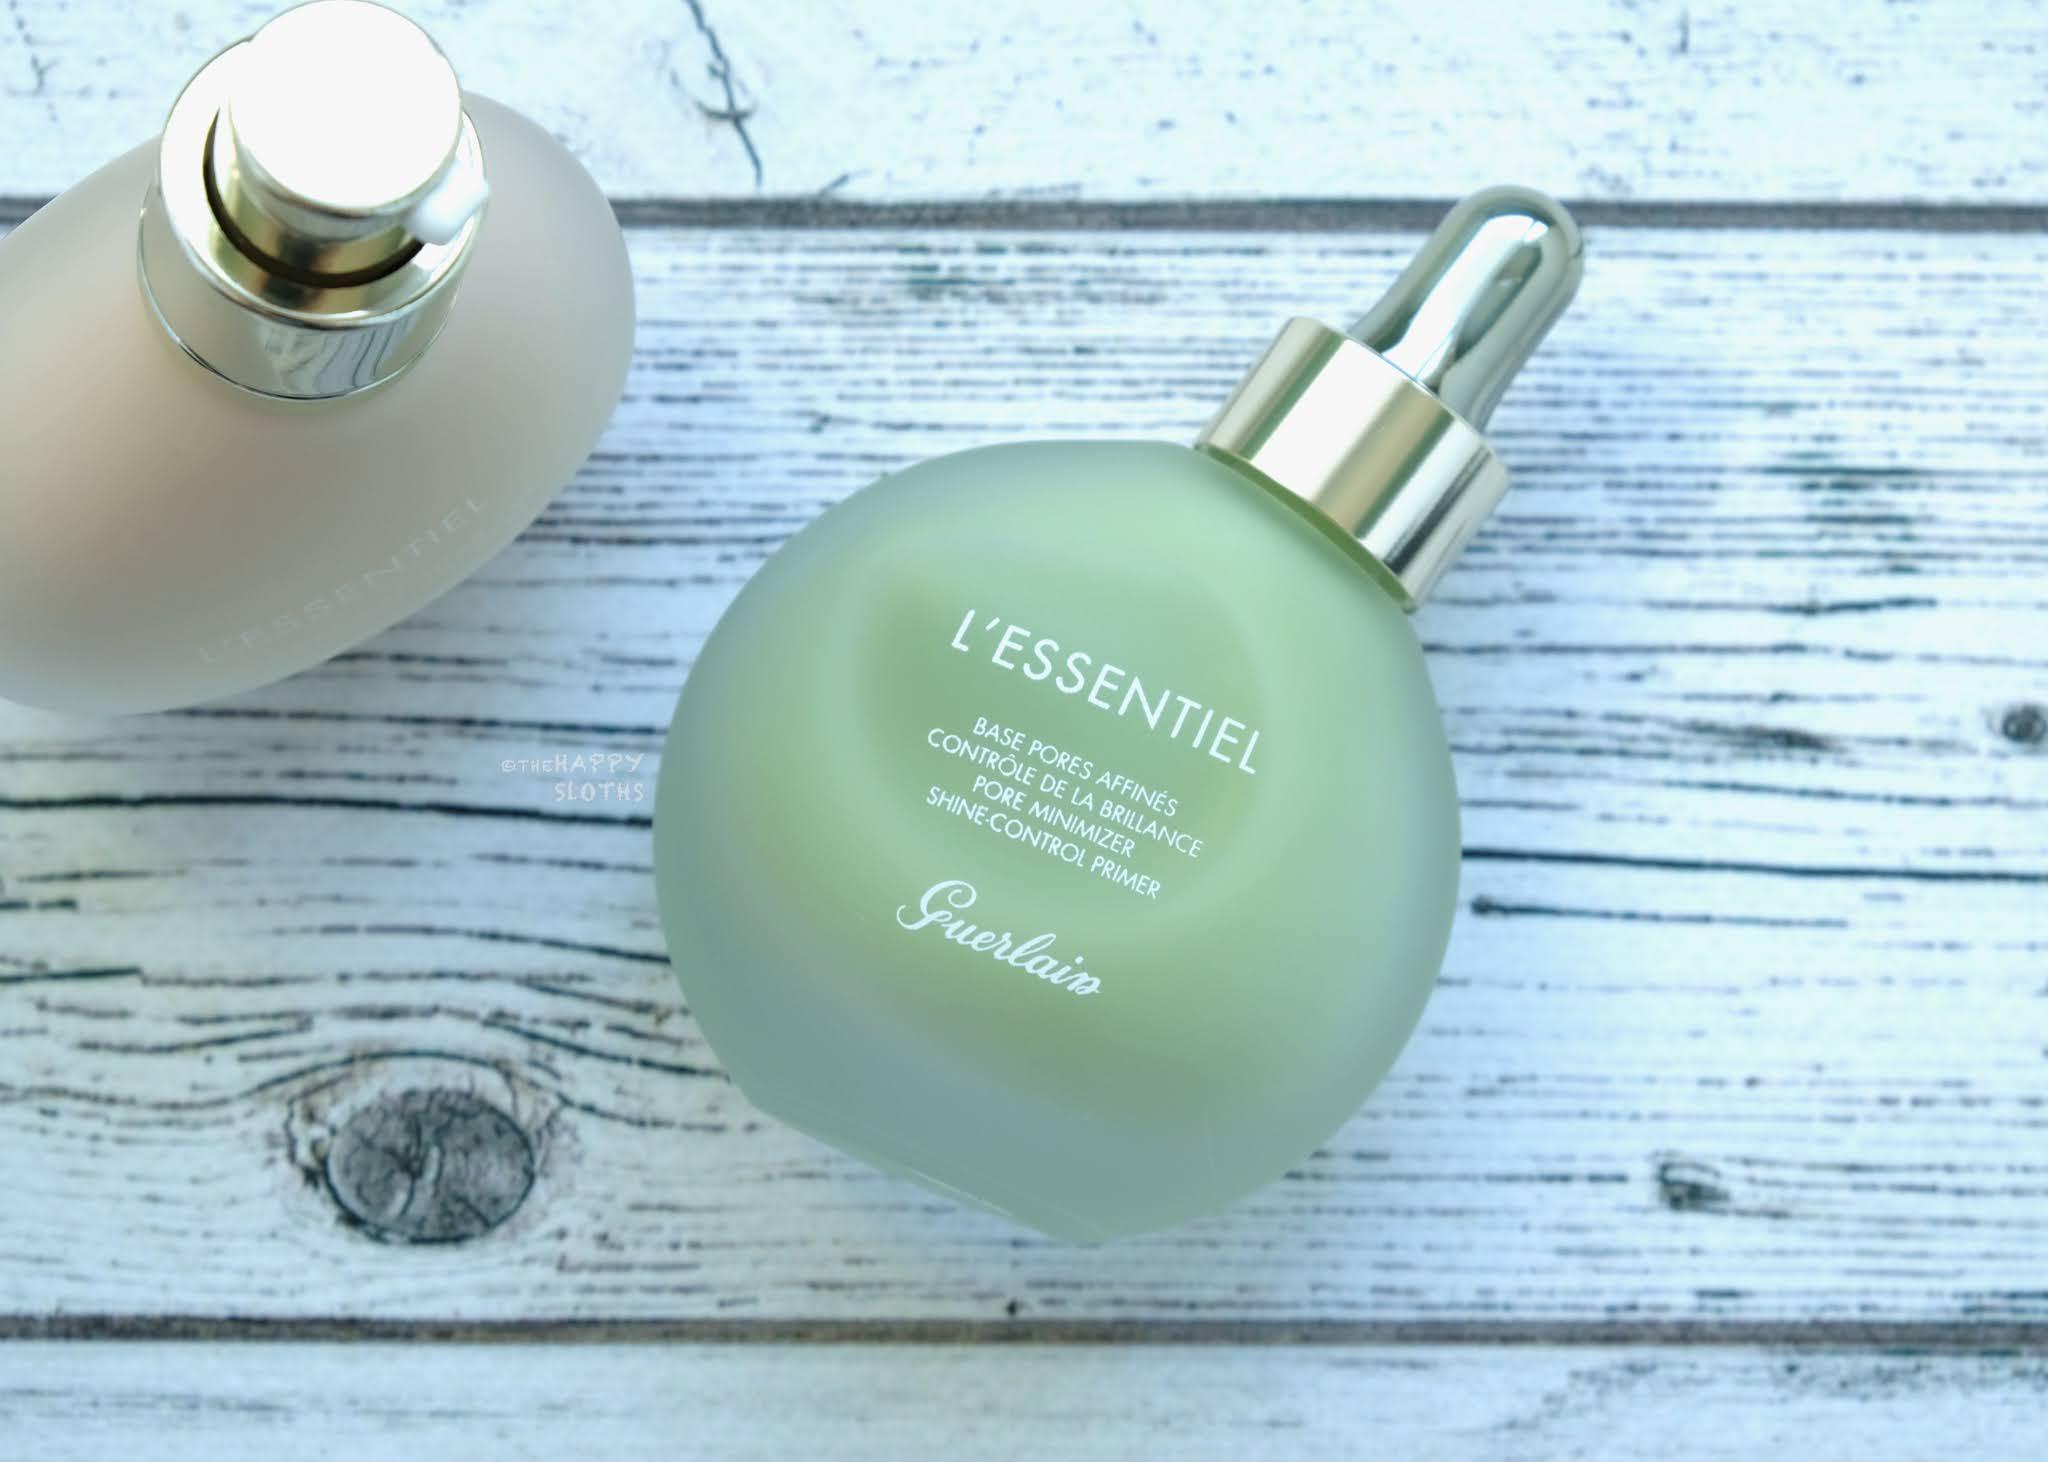 Guerlain | L'Essentiel Pore Minimizer Shine Control Primer: Review and Swatches